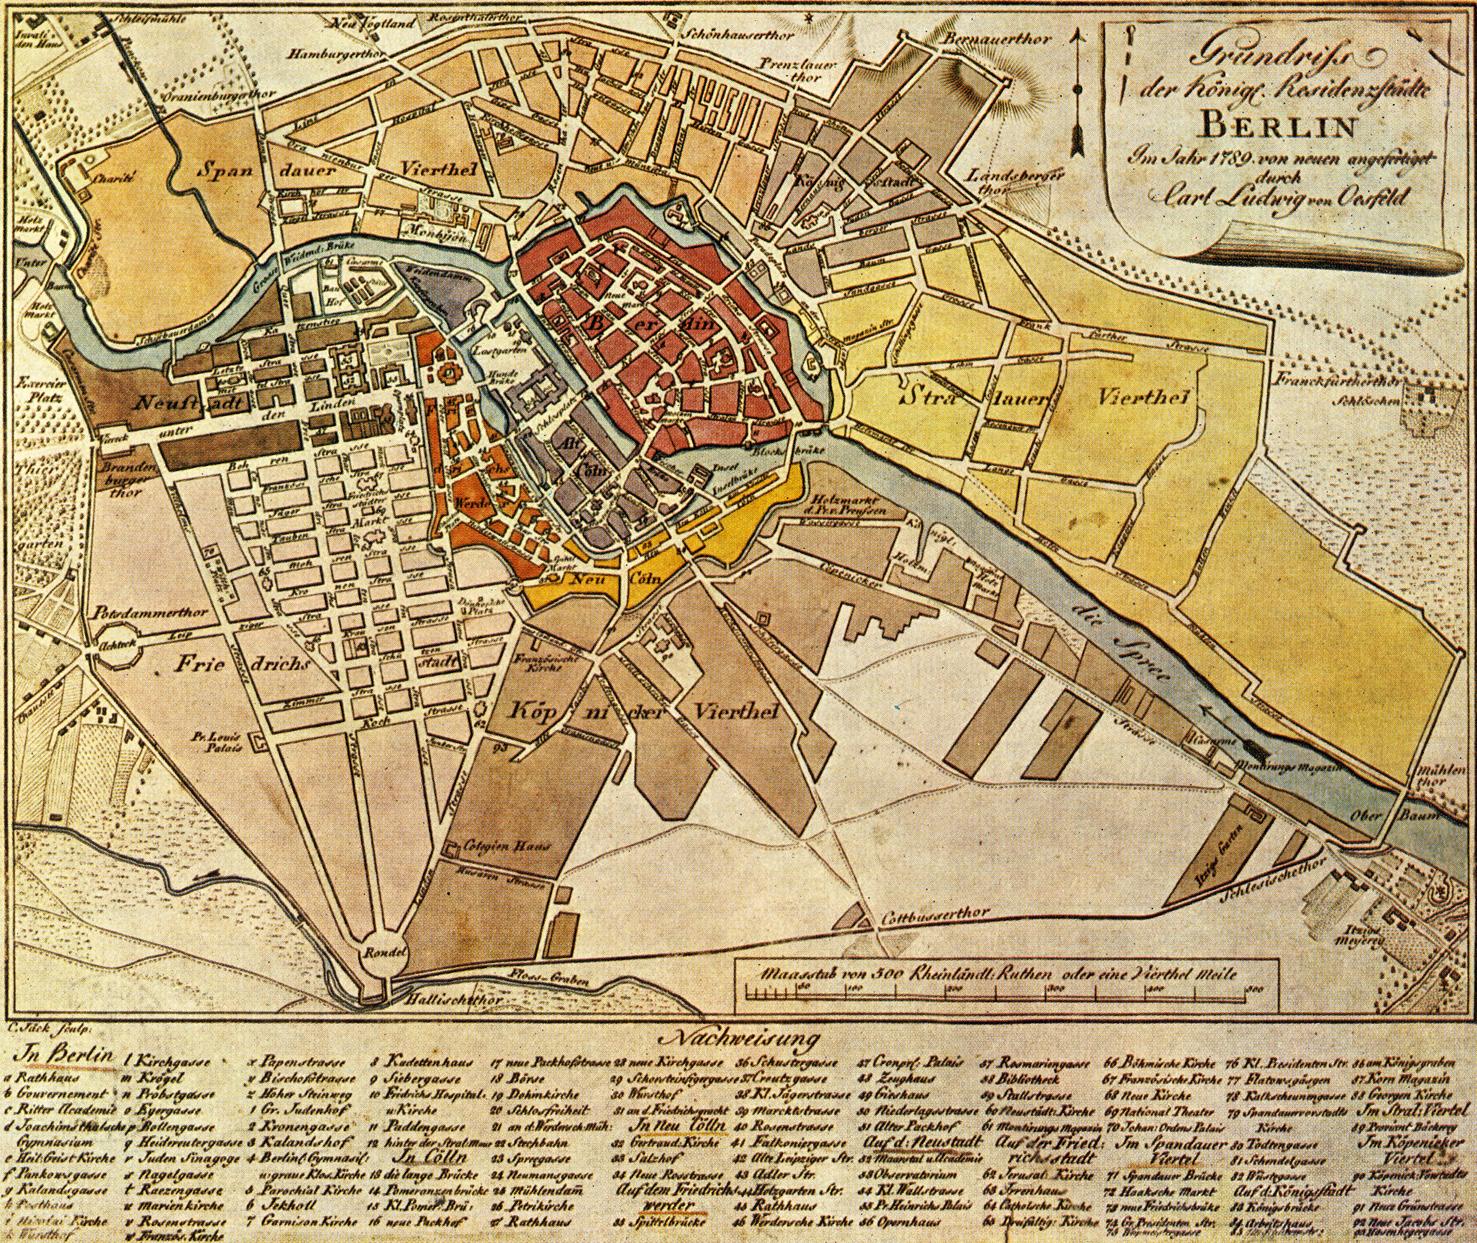 FileMap De Berlin Jpg Wikimedia Commons - Vintage map berlin